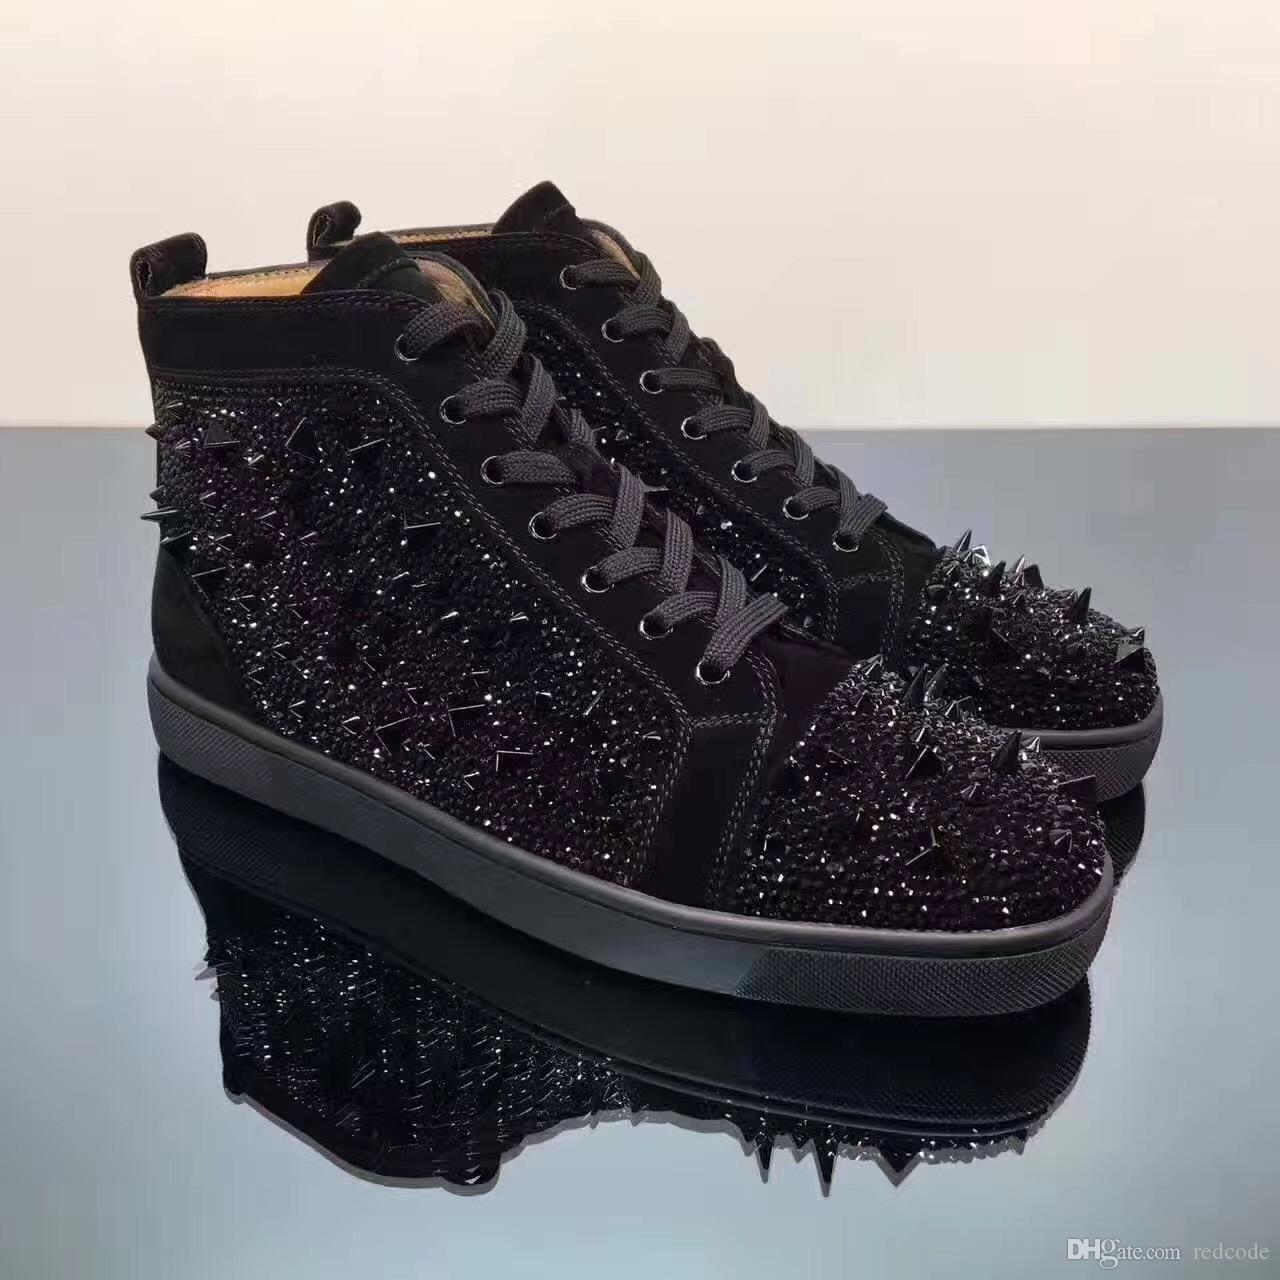 Preto Strass Pik Pik Spikes Red Designer inferior Luxo Mens Strass Sneaker Moda vestido de passeio do casamento Casual Lace-up Lazer sapatos